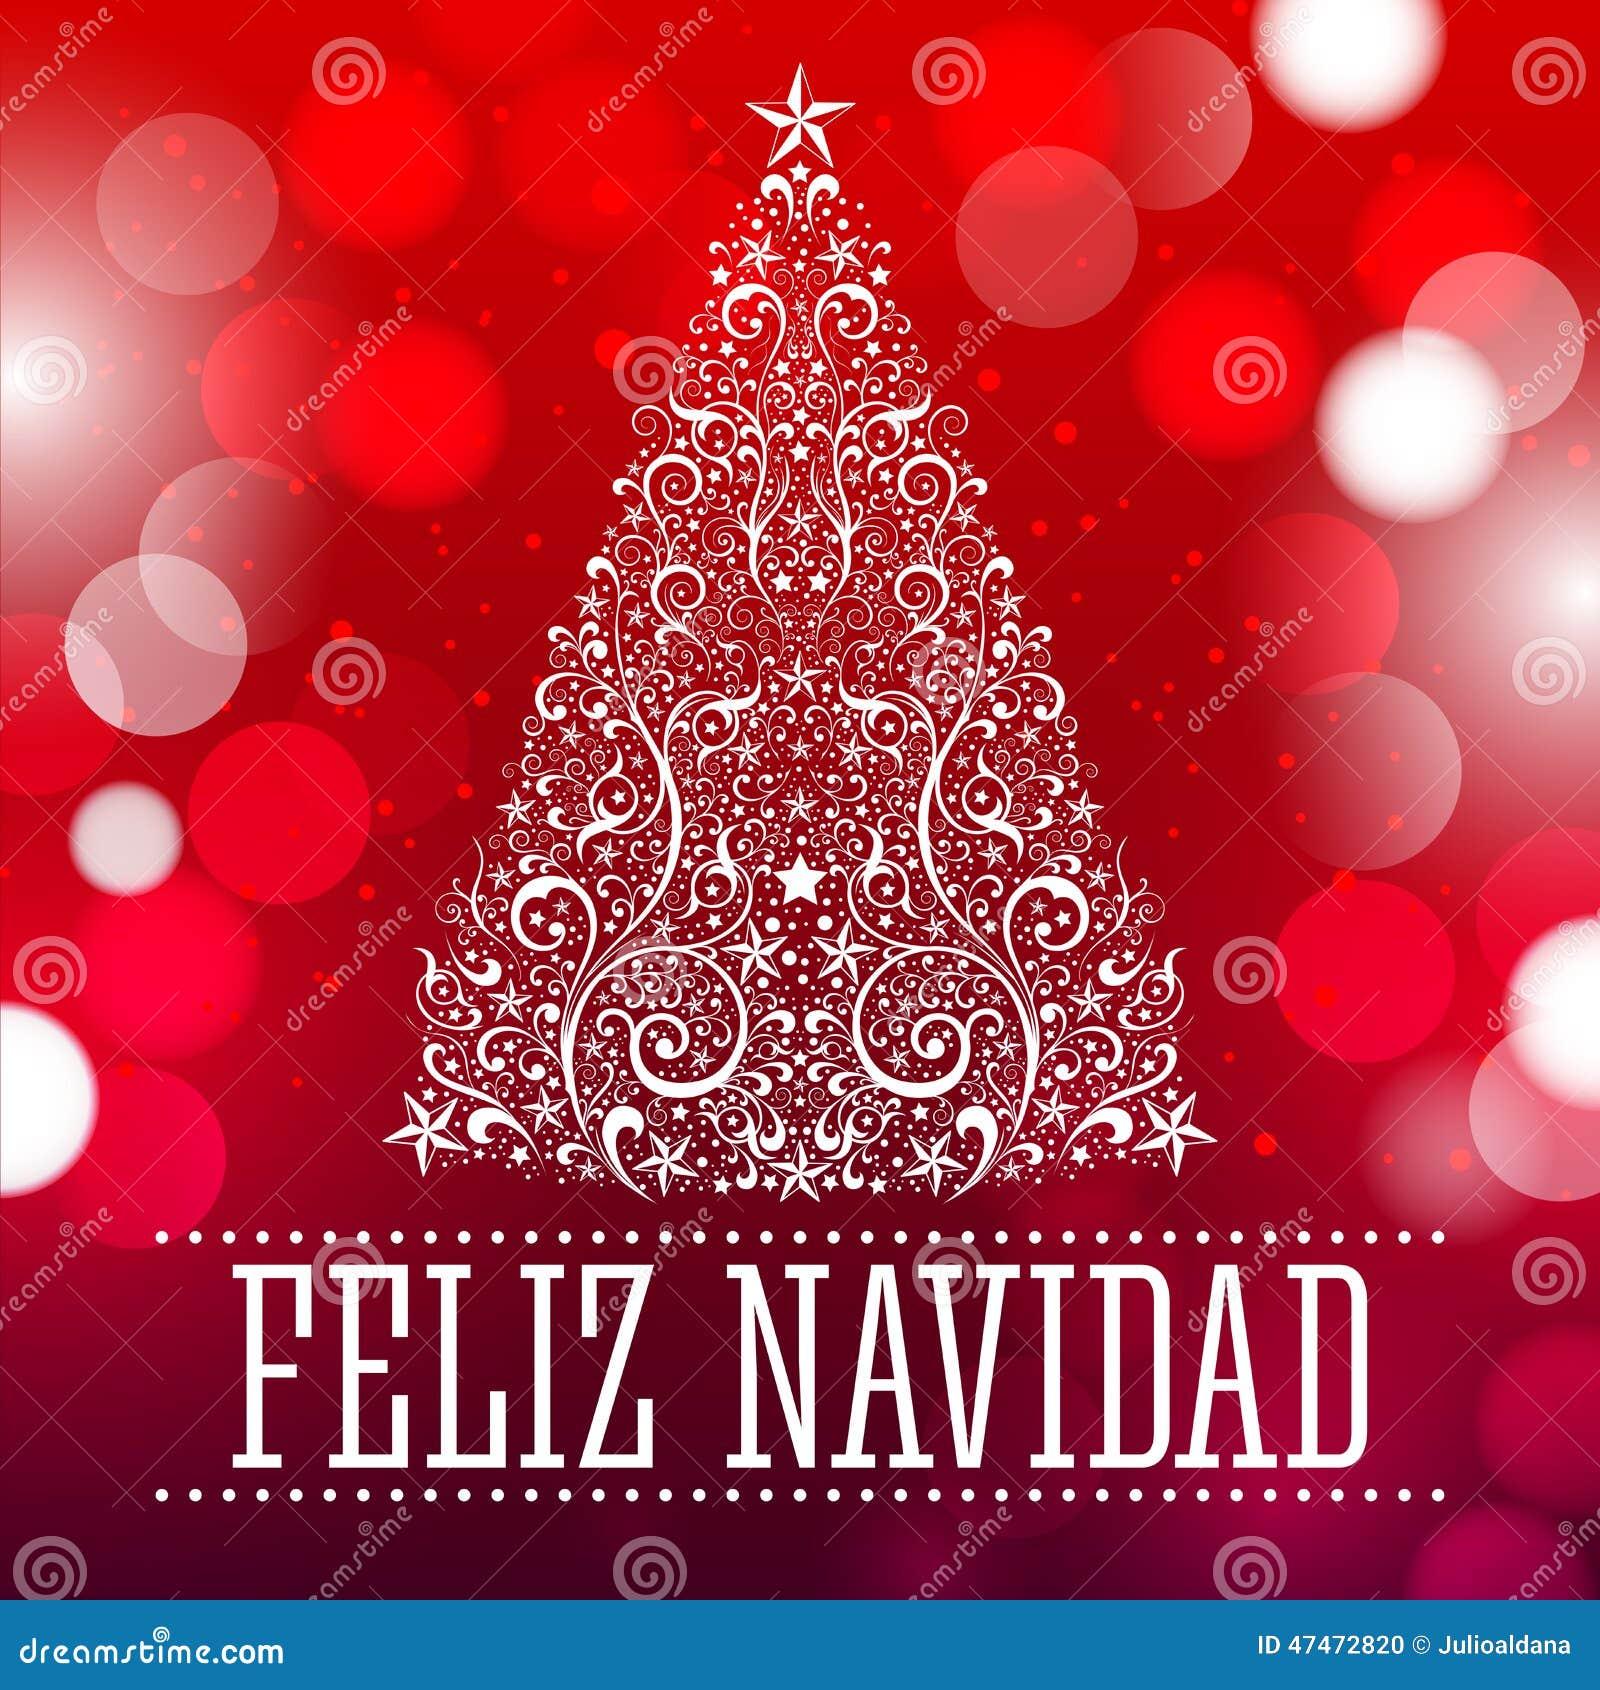 Feliz Navidad Joyeux Noel 2019.Feliz Navidad Texte D Espagnol De Joyeux Noel Illustration